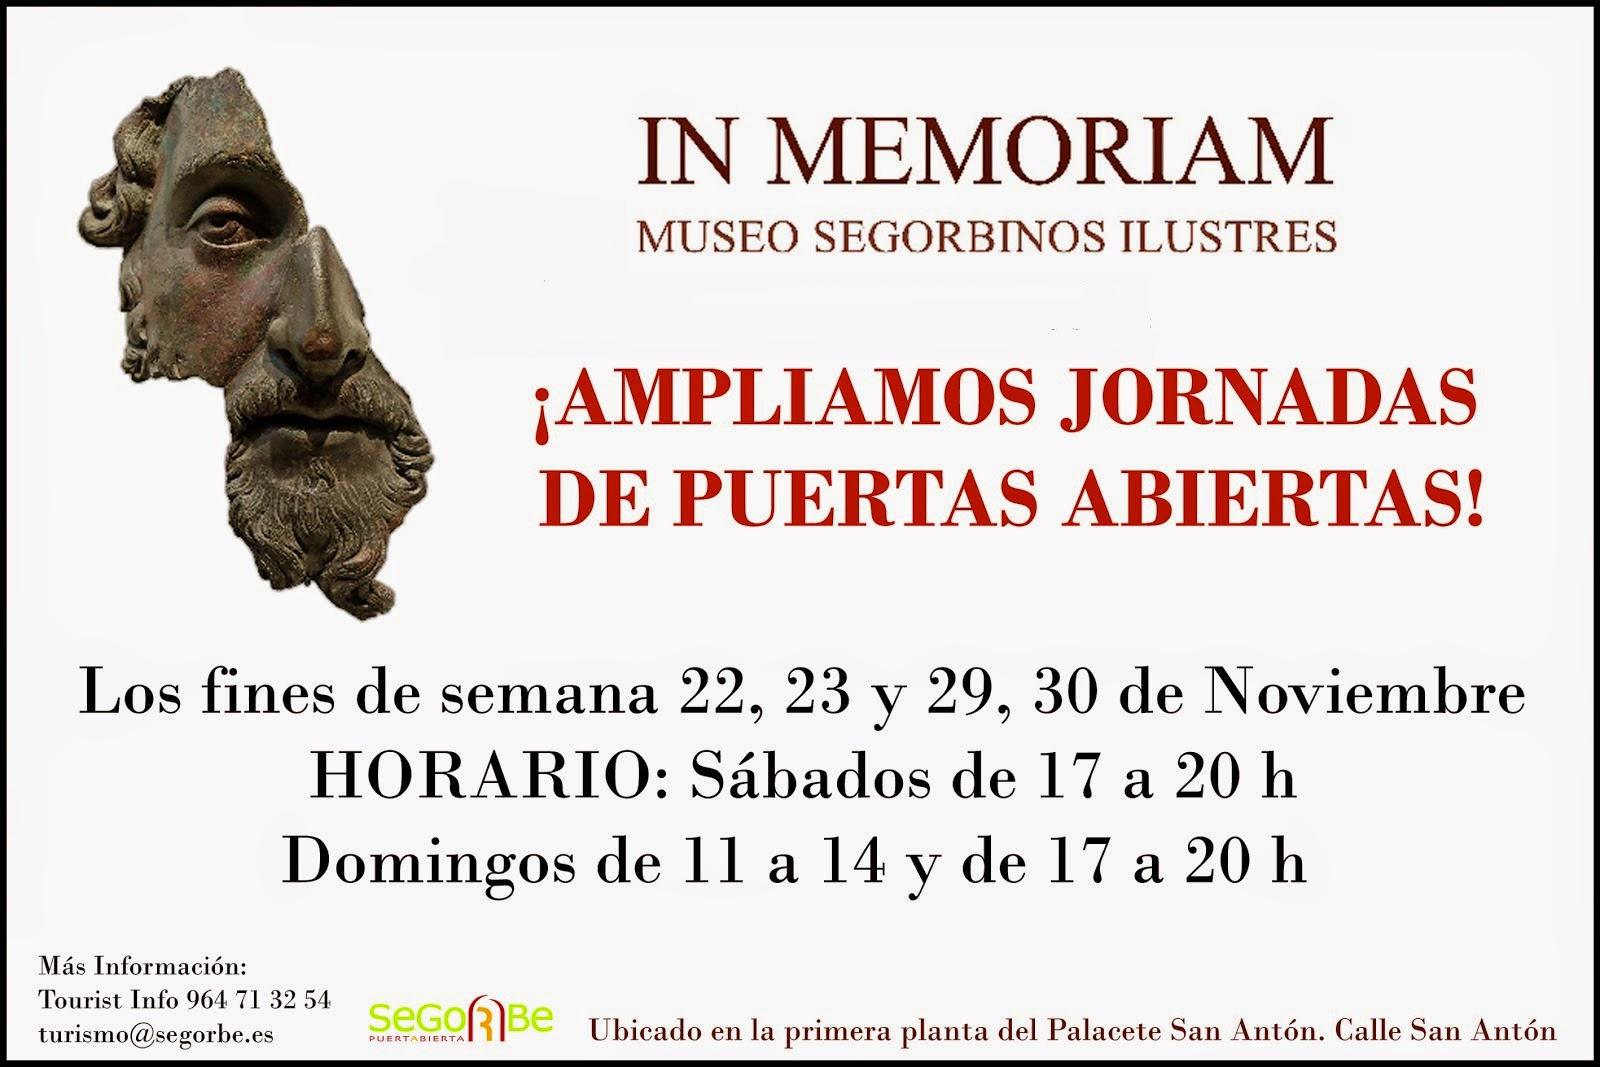 Museo In Memoriam, Segorbinos Ilustres